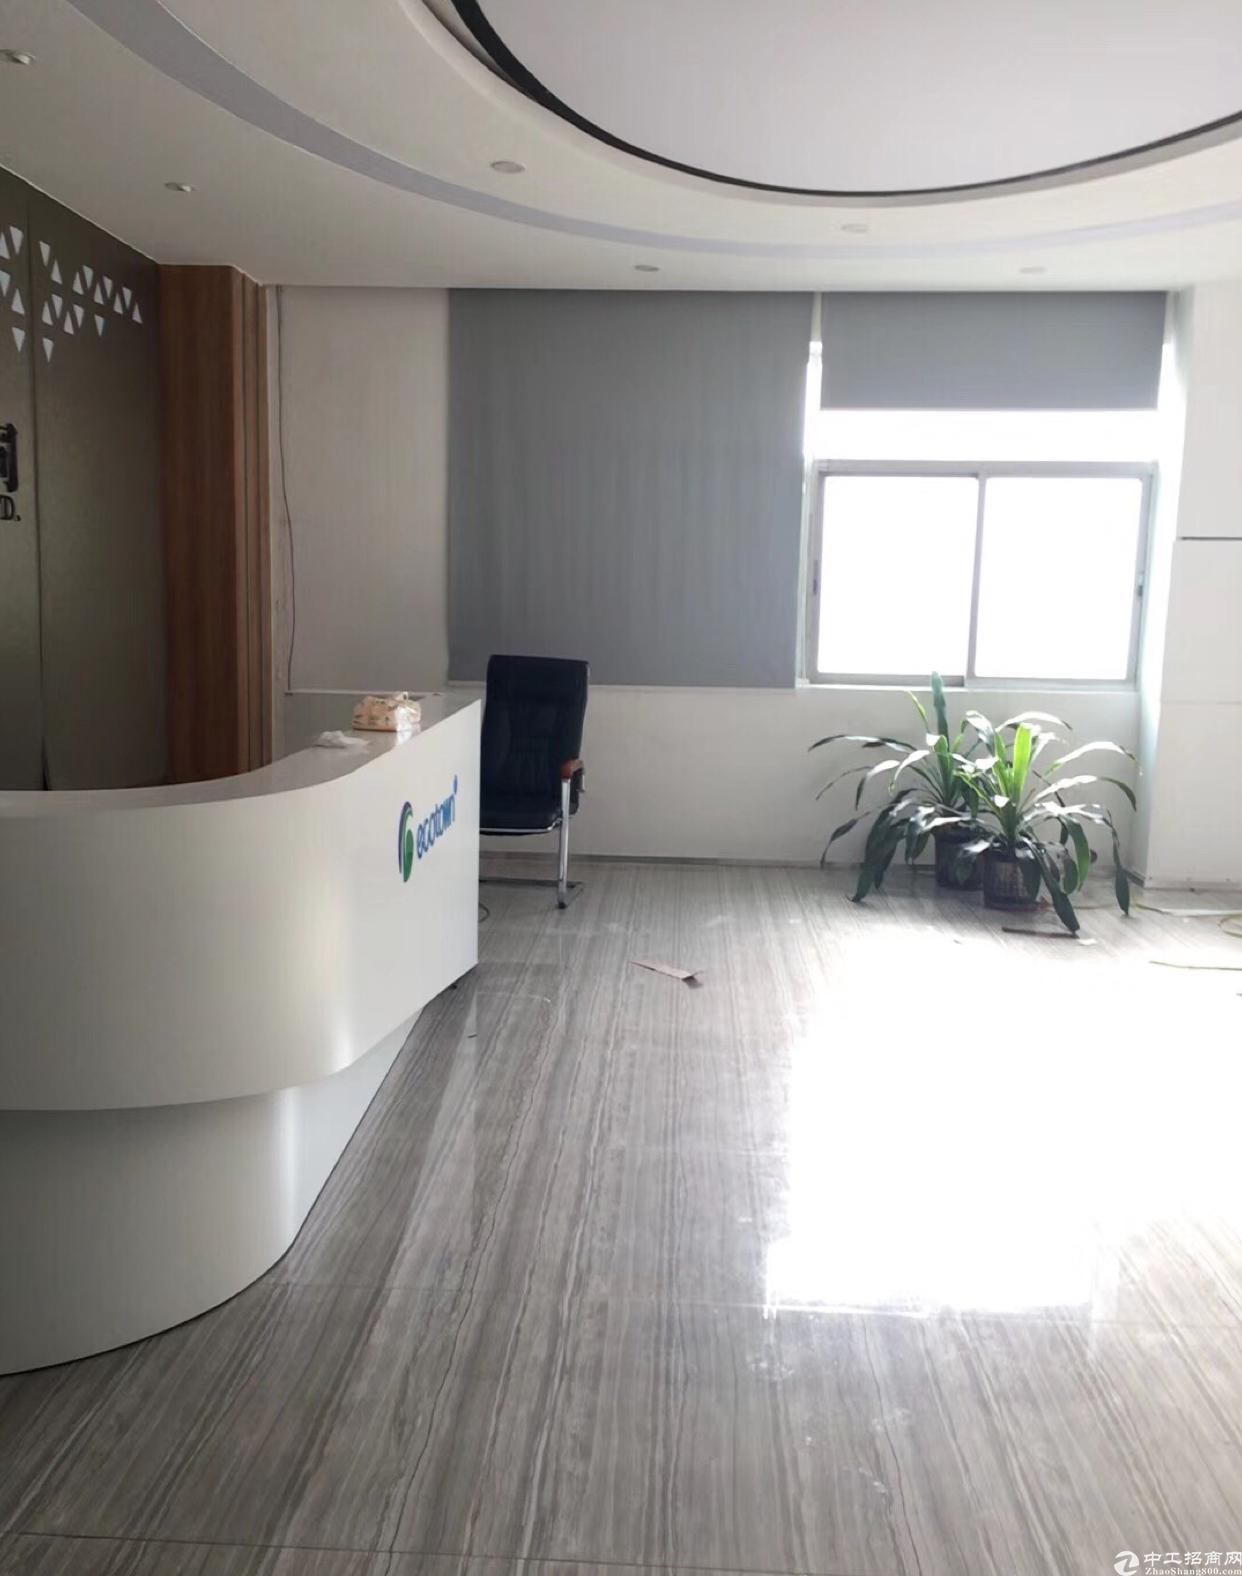 西乡固戍地铁站附近楼上1500平厂房招租